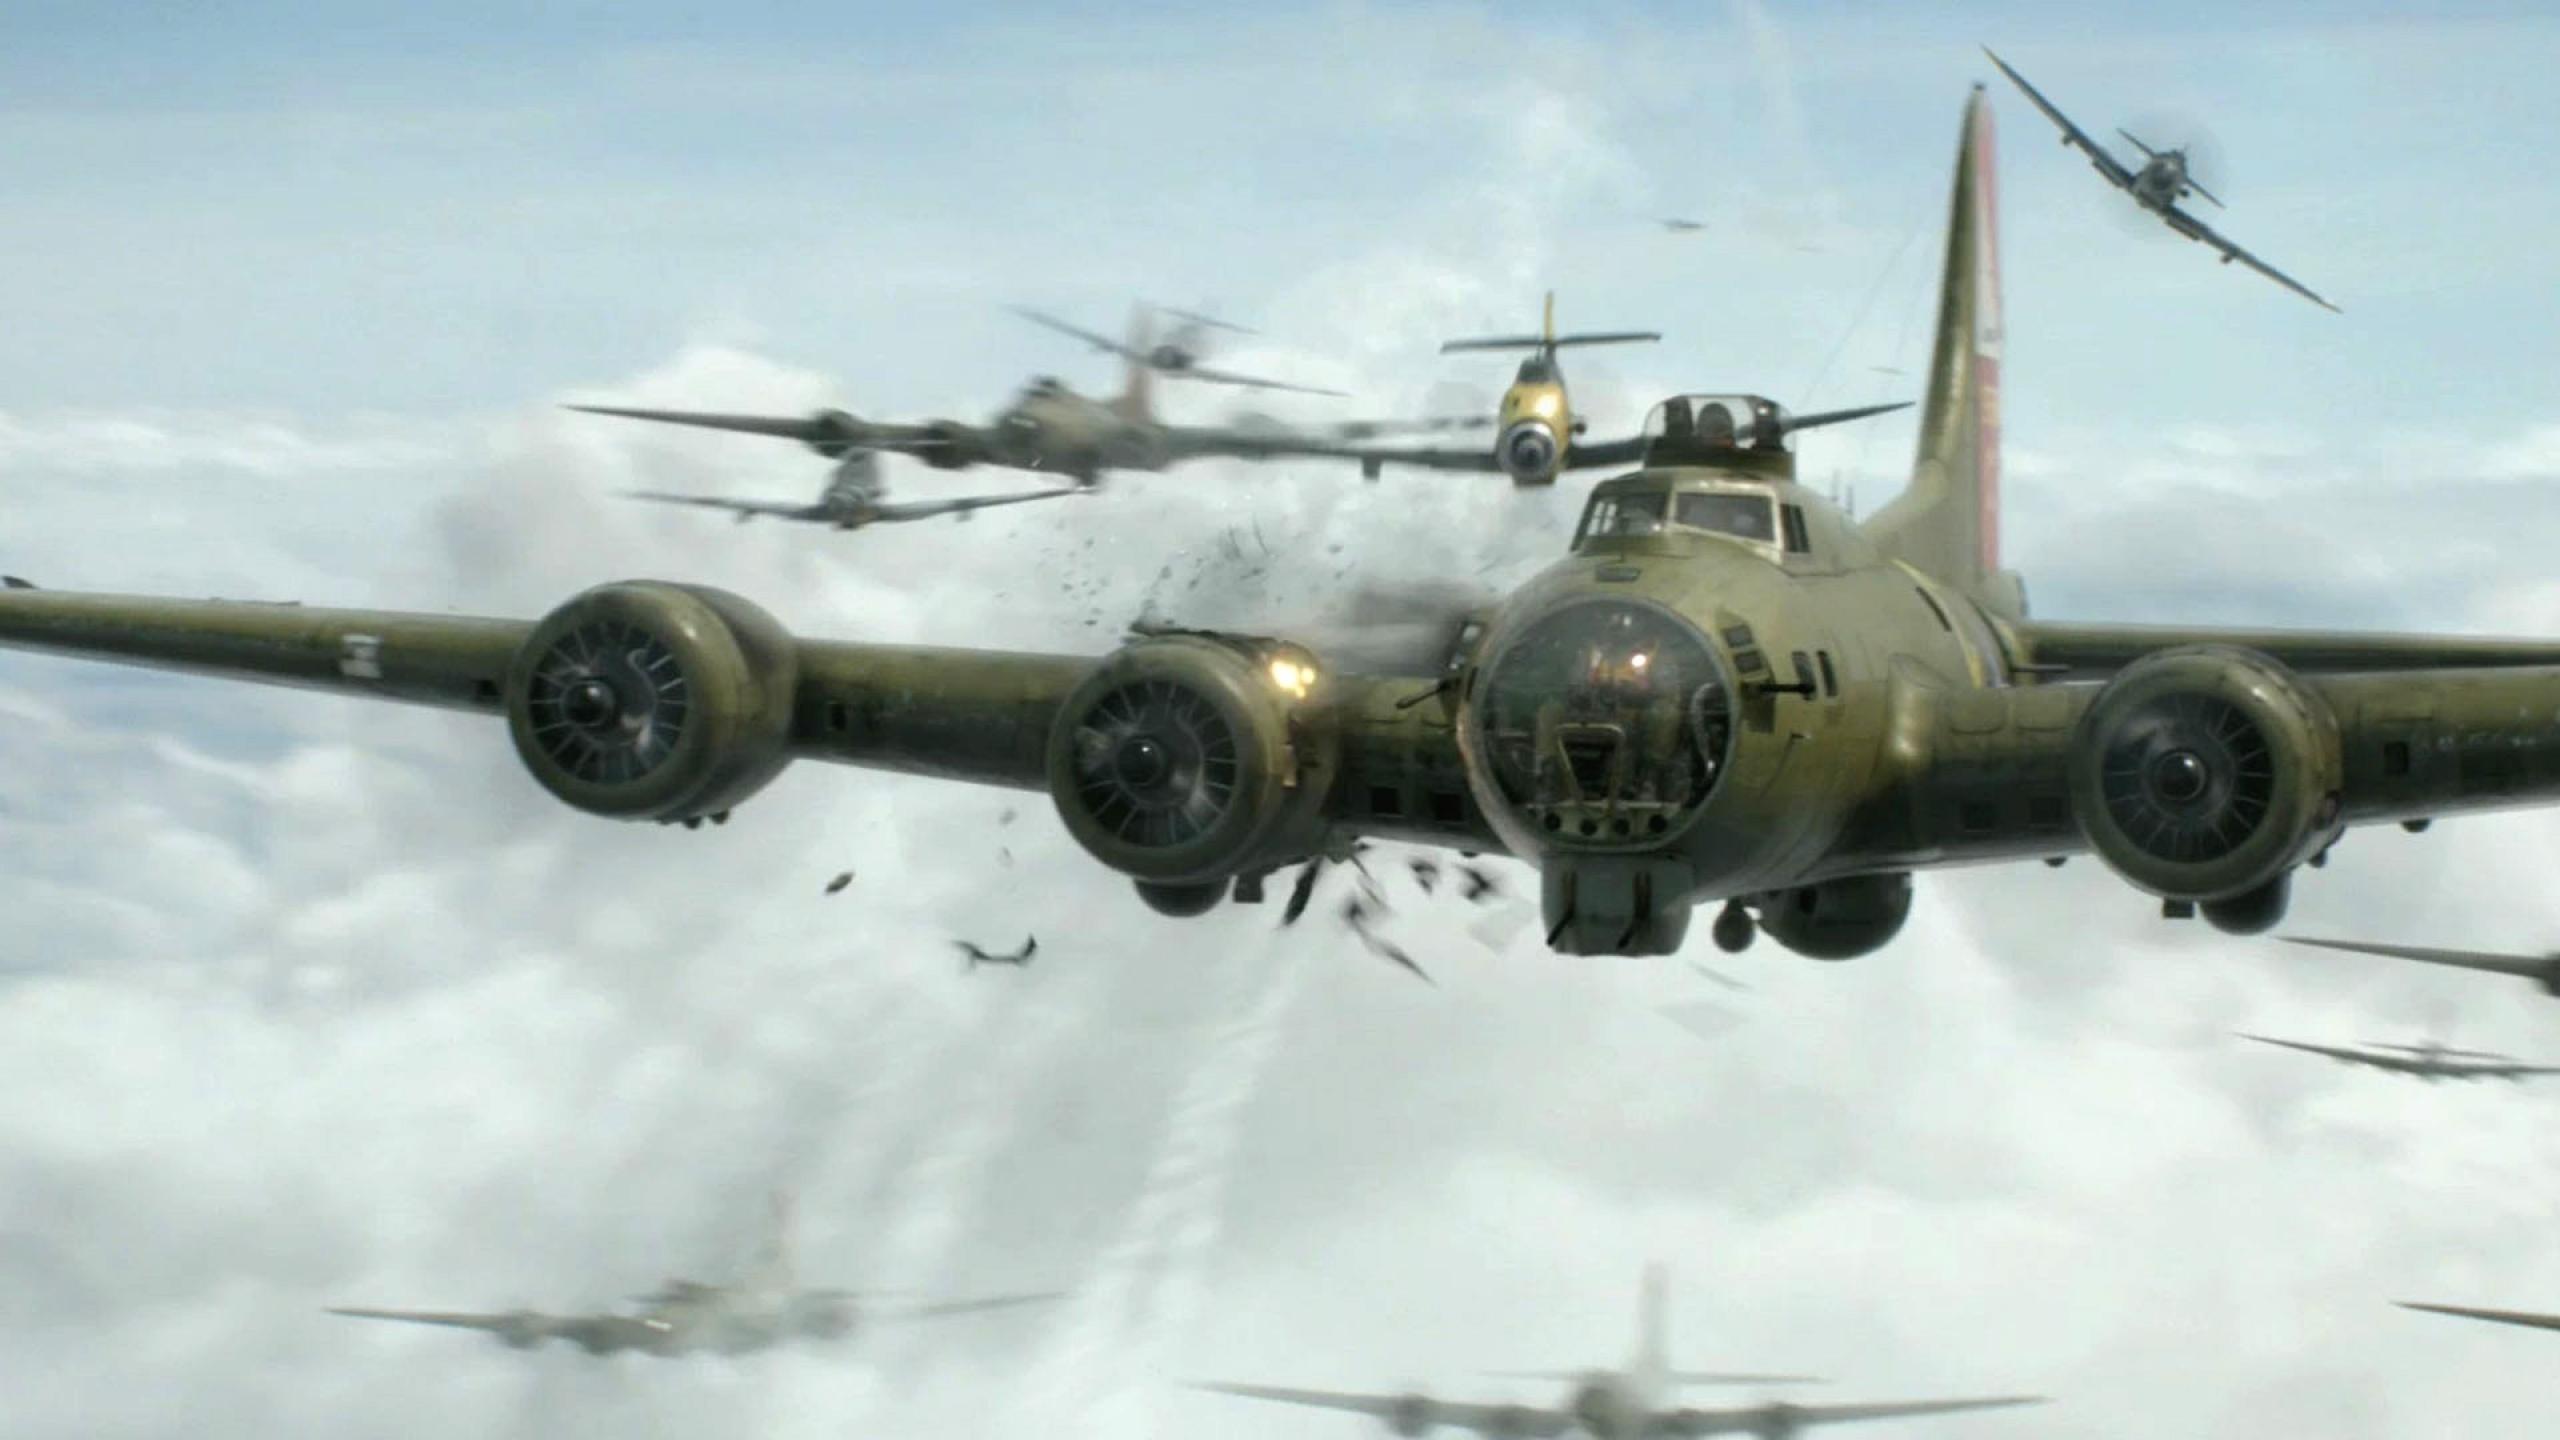 bomber world war ii b17 flying fortress mission 1920x1080 wallpaper 2560x1440